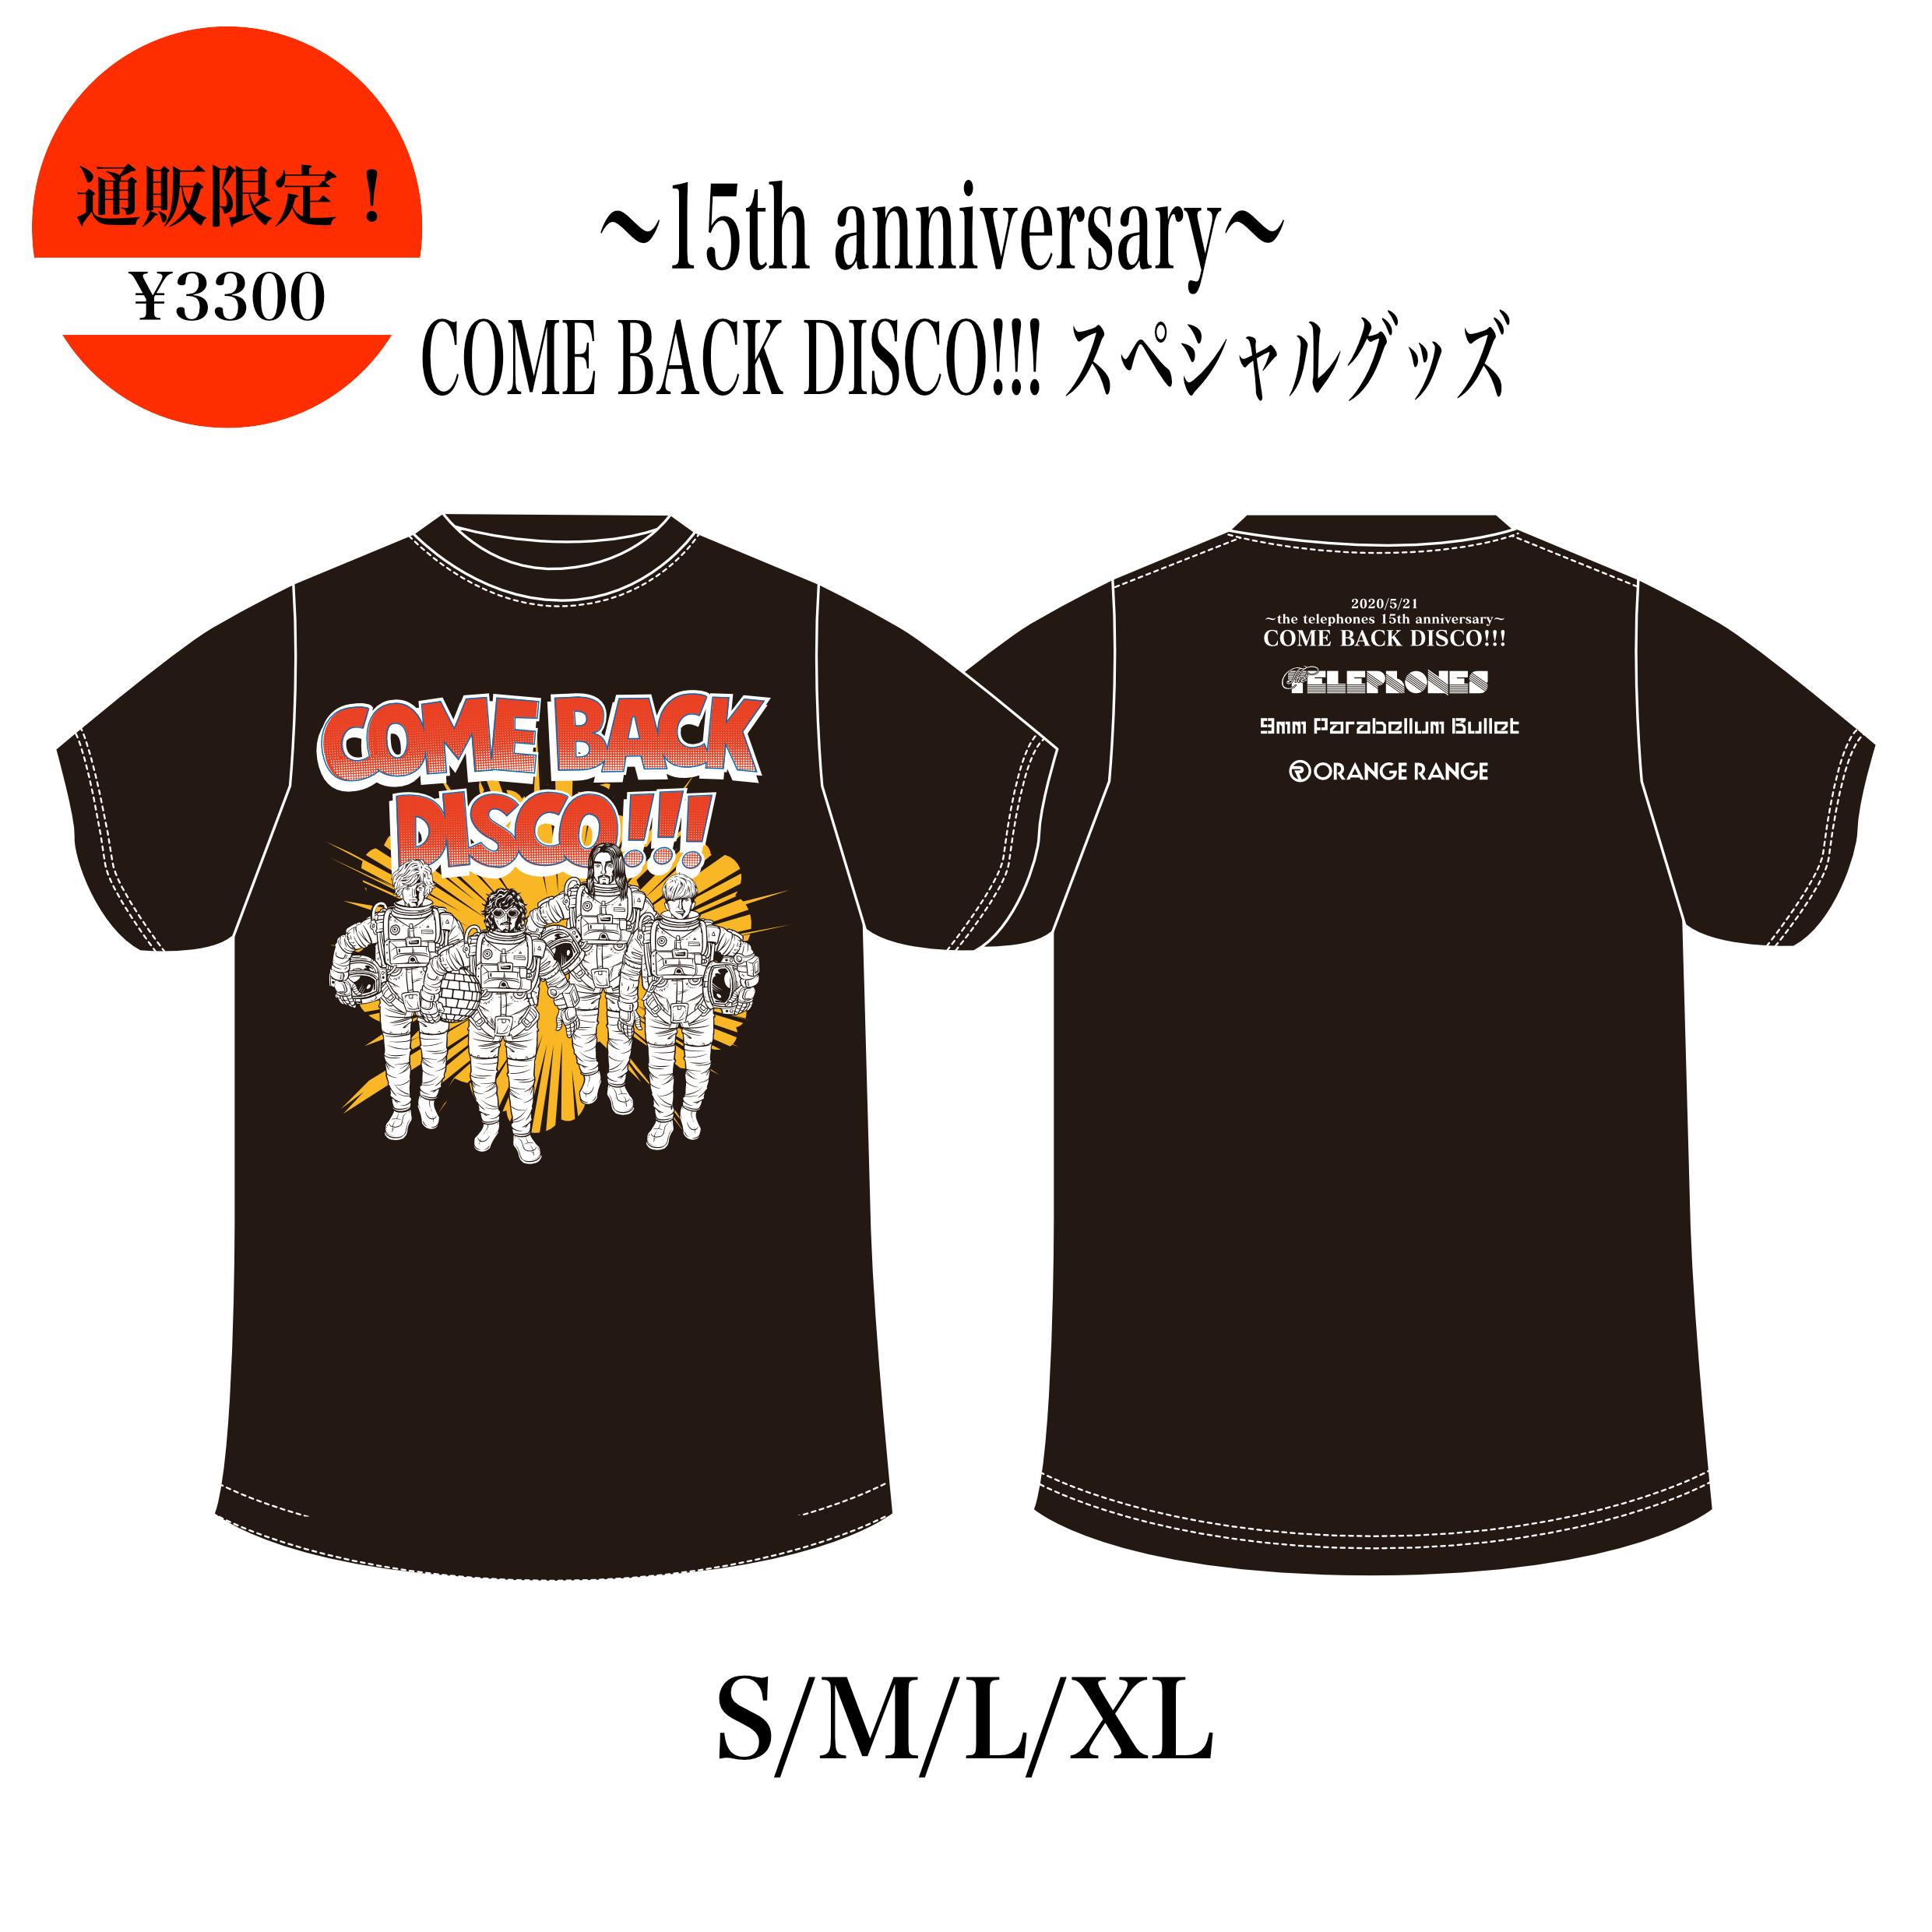 COME BACK DISCO!!! Tシャツ(ブラック)